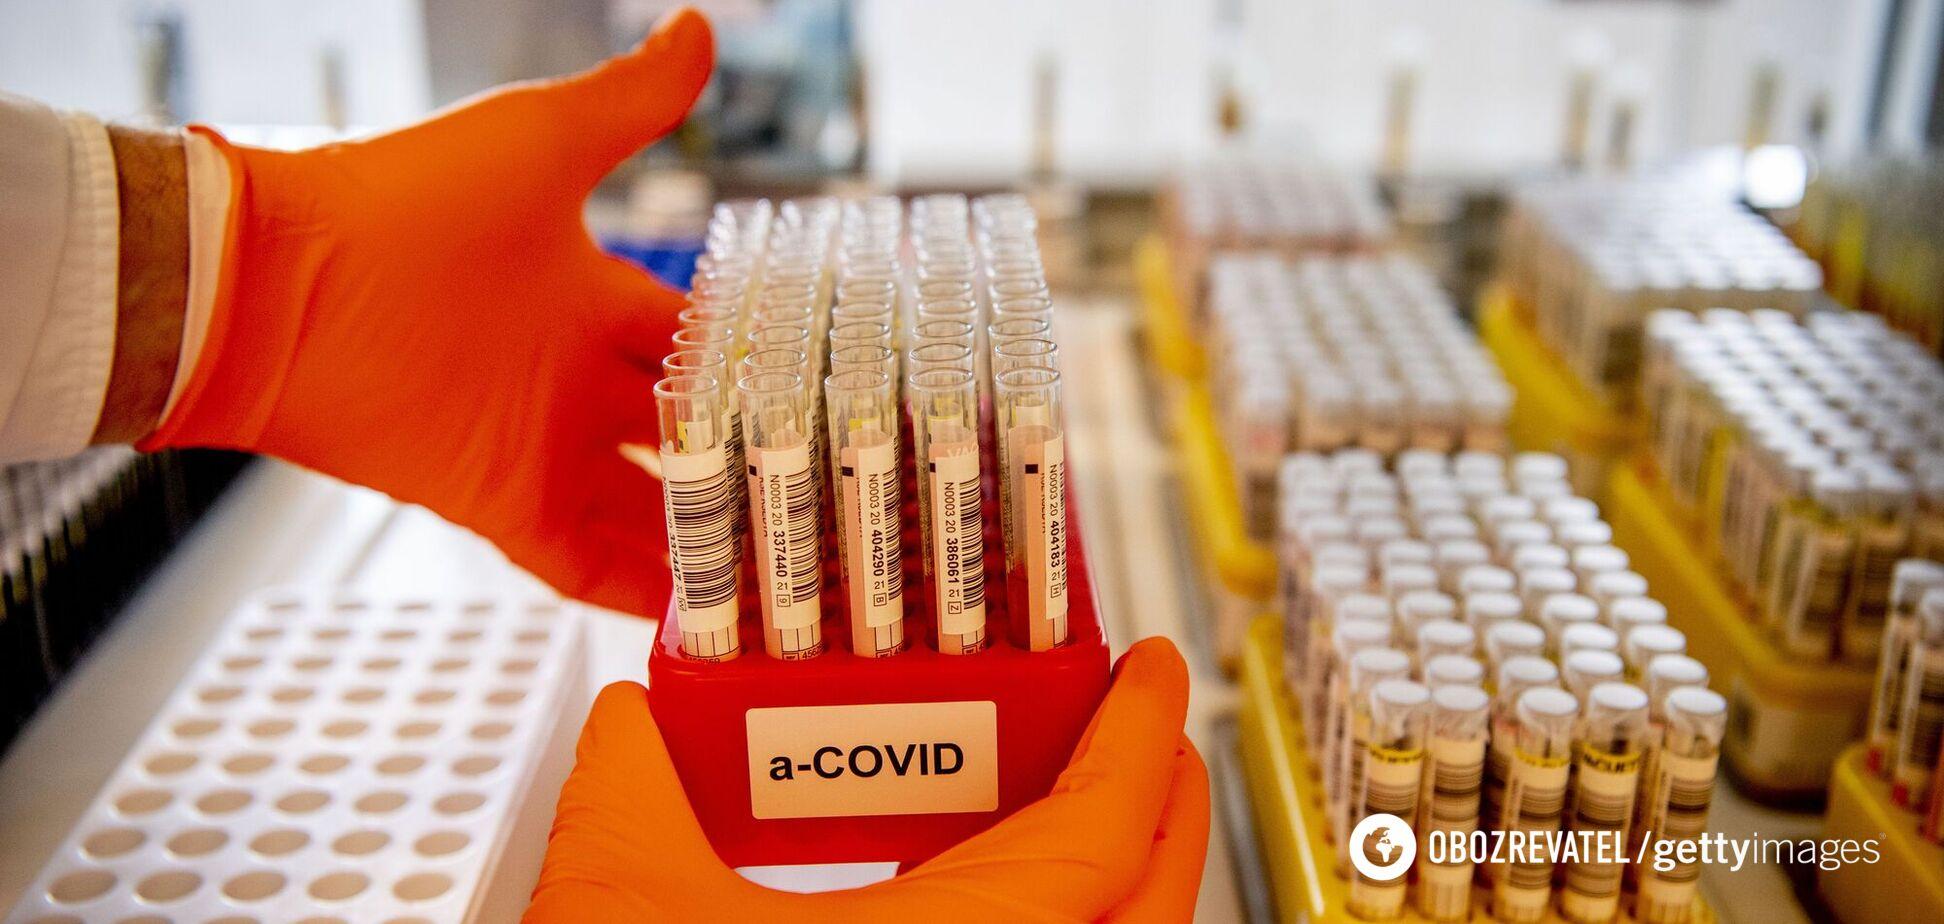 Тесты на COVID-19 станут массовыми в Украине, медиков будет не хватать, – экс-главный санврач